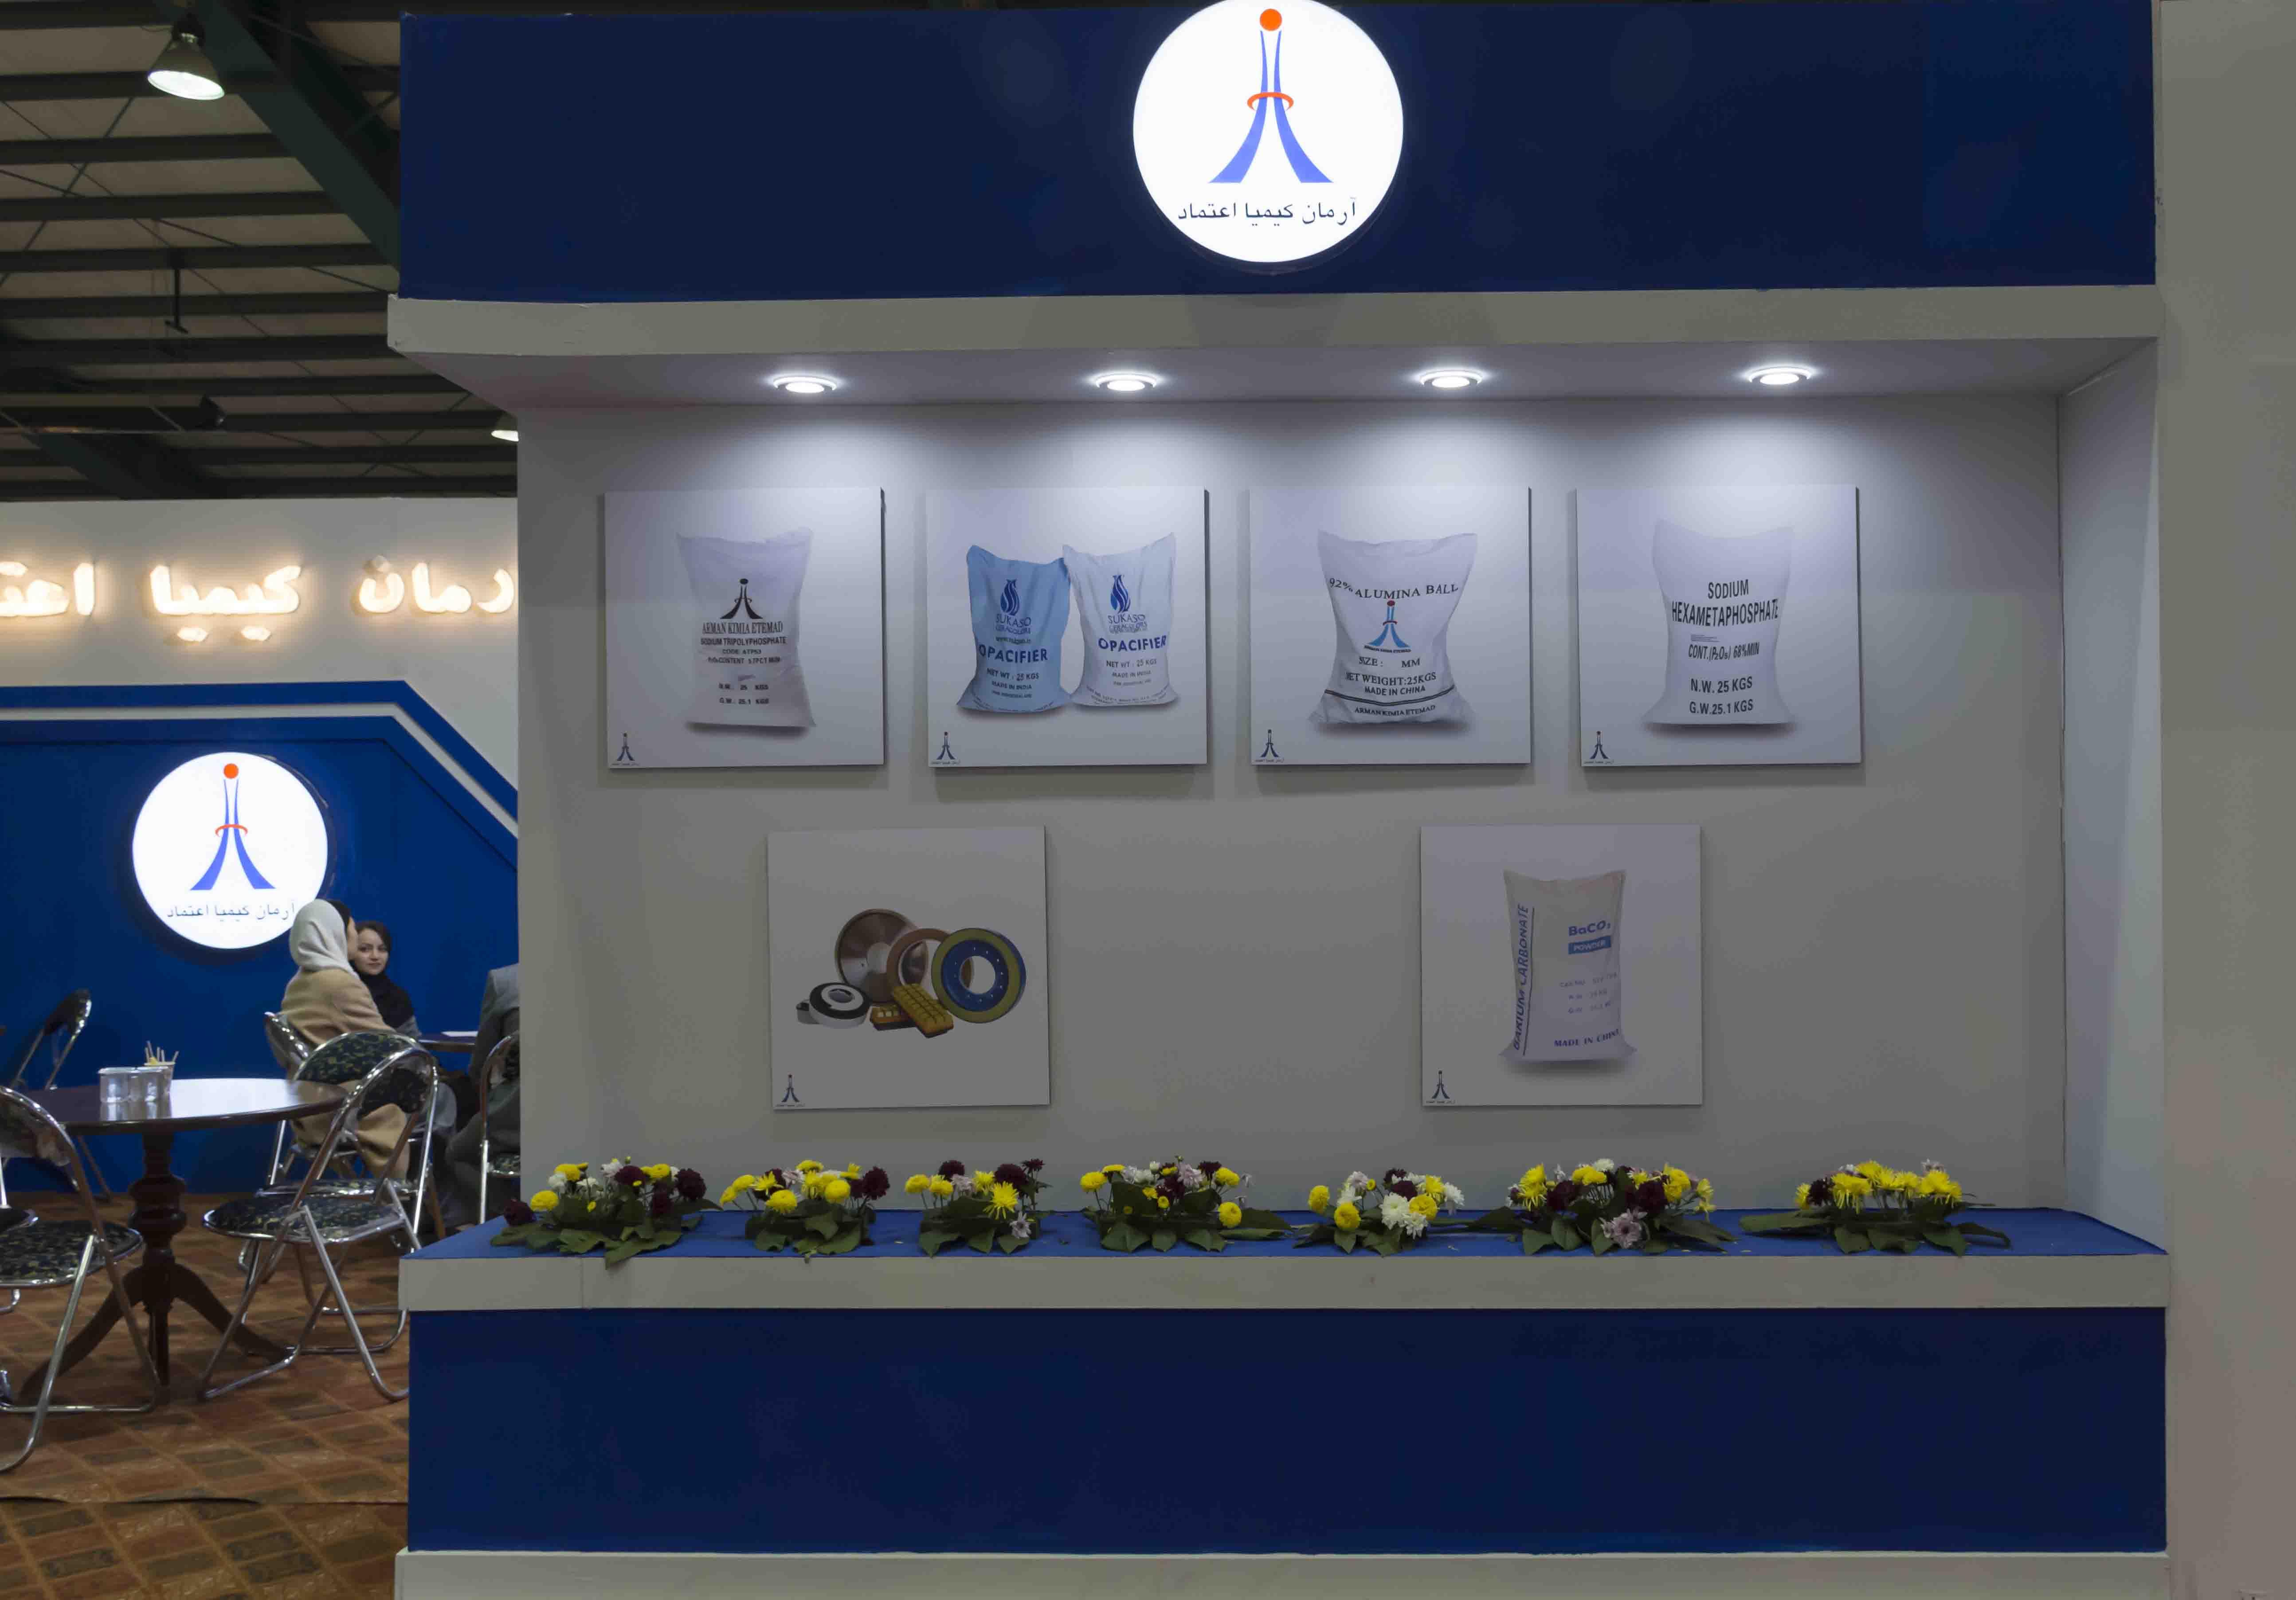 نمایشگاه کاشی سرامیک یزد آذرماه ۹۸